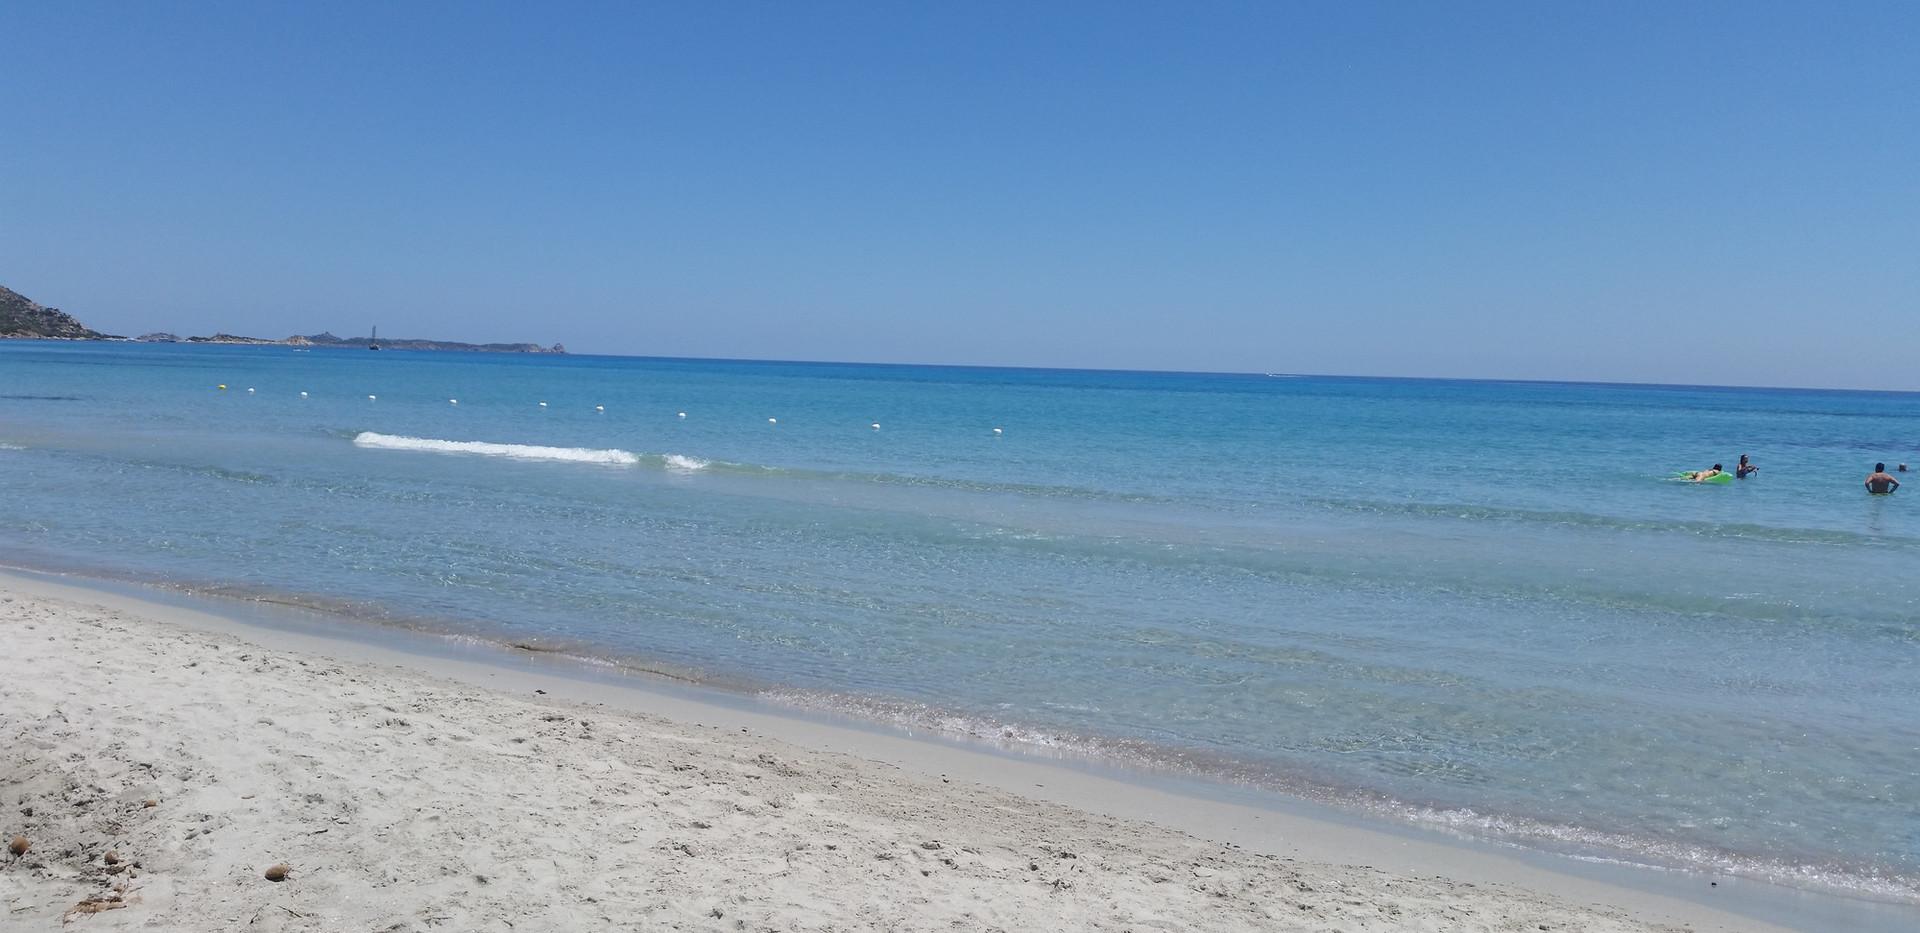 Simius spiaggia privata 12.jpg